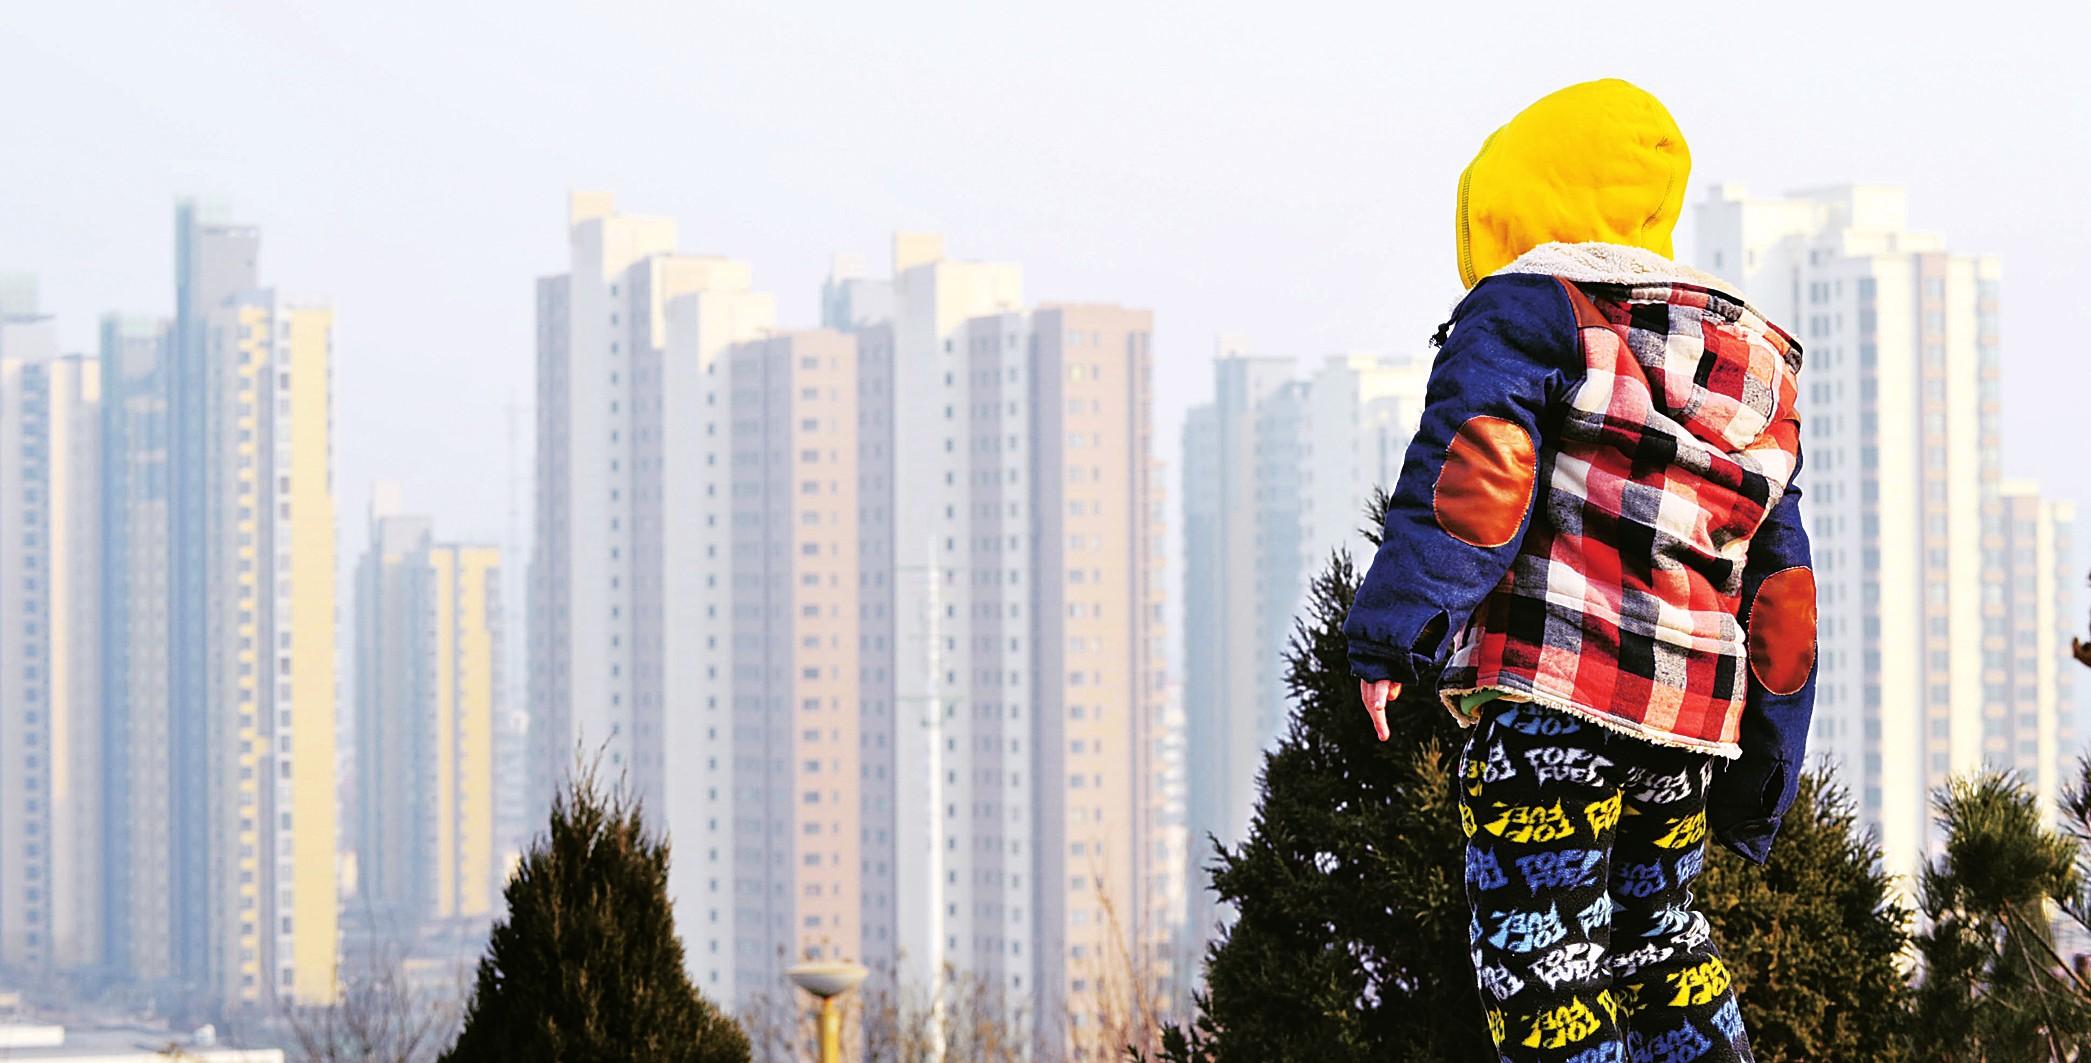 宋清辉:房贷利率上行迫使整个房地产市场逐渐降温